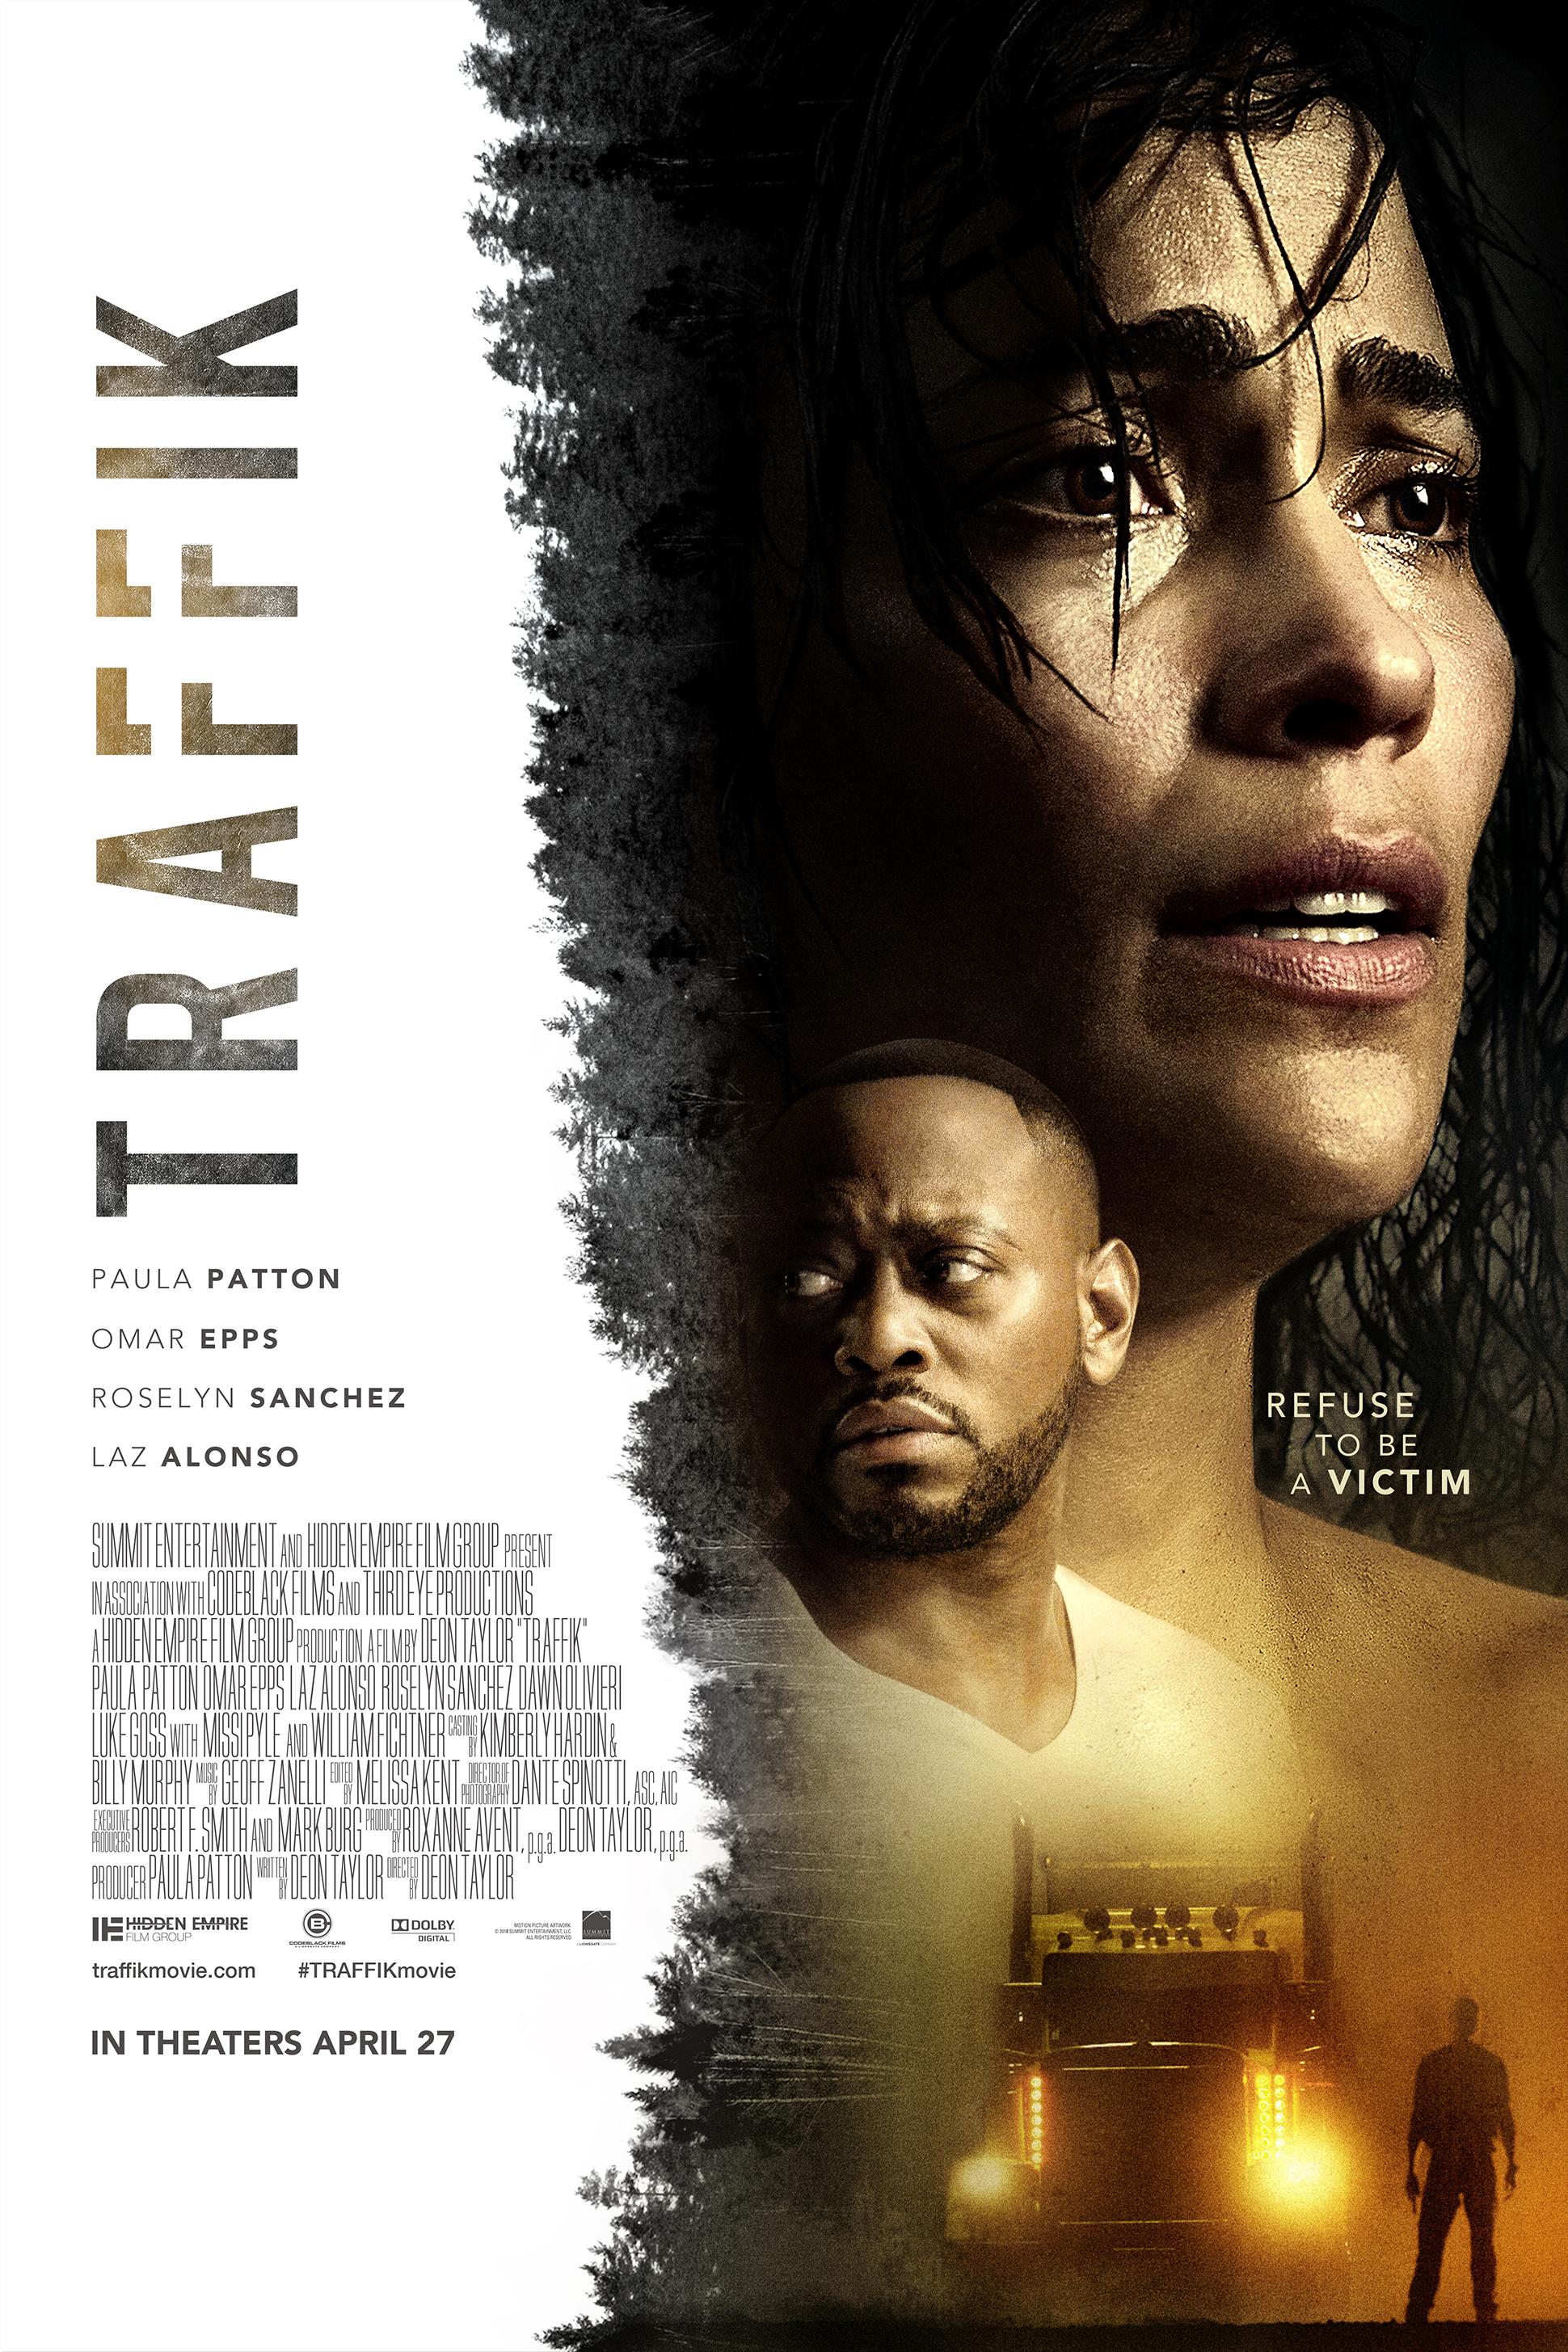 Poster for Traffik